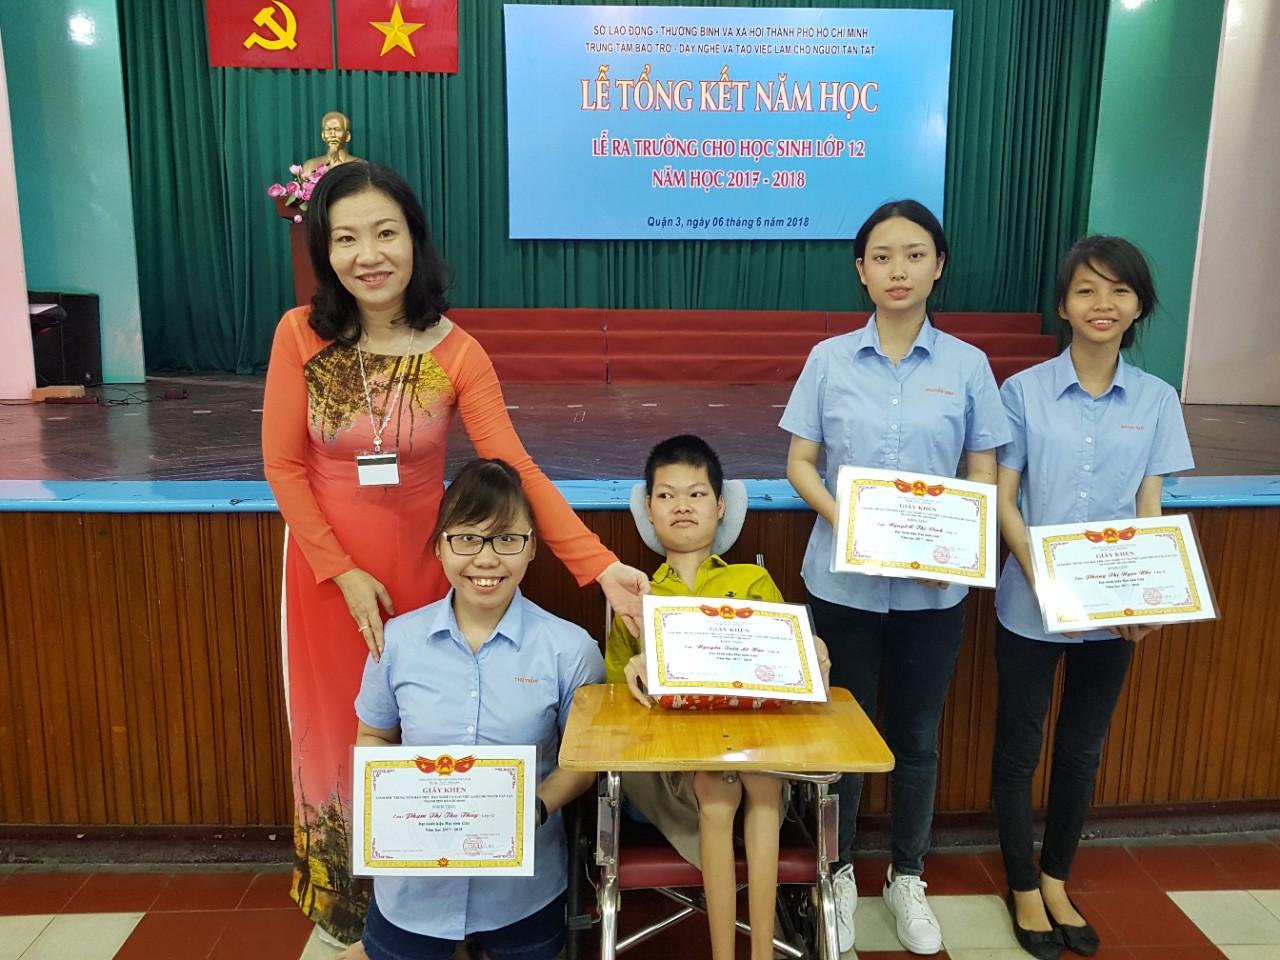 Bà Trần Thị Thanh Hằng - Giám đốc Trung tâm - trao quà cho học viên giỏi. Nguồn: Trung tâm